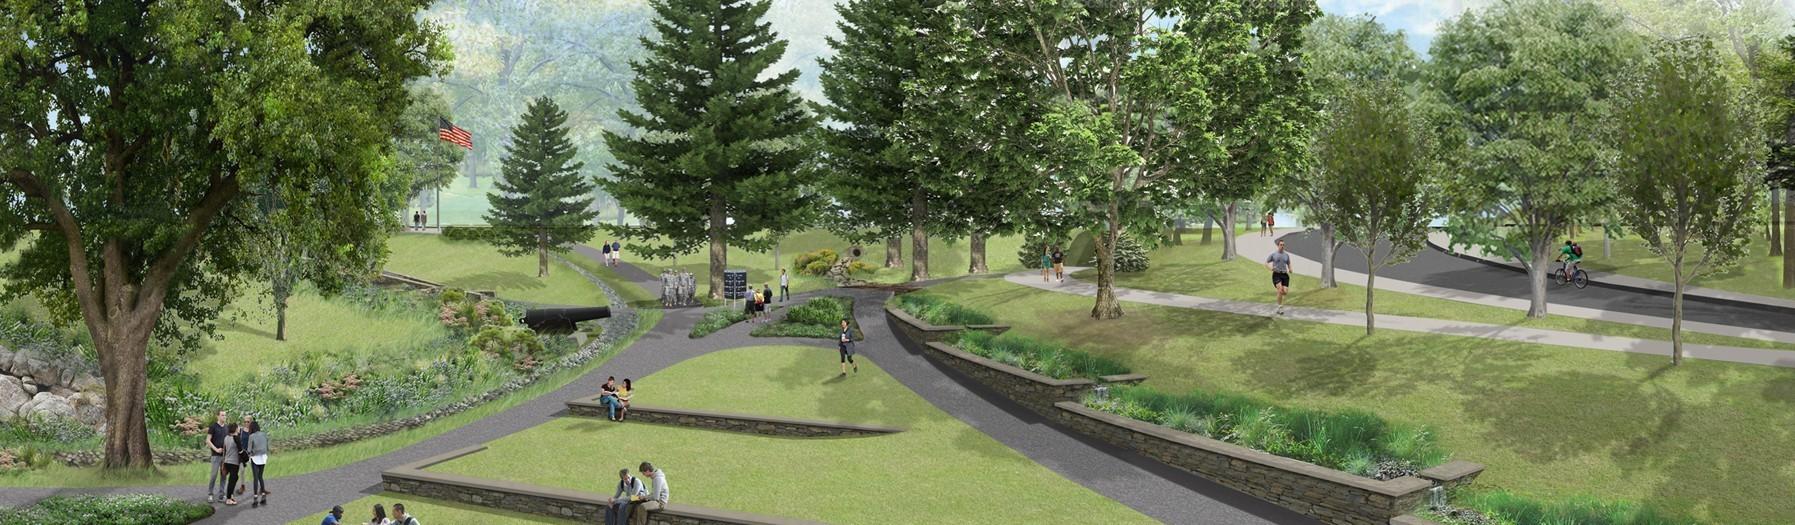 Image of CAD model park